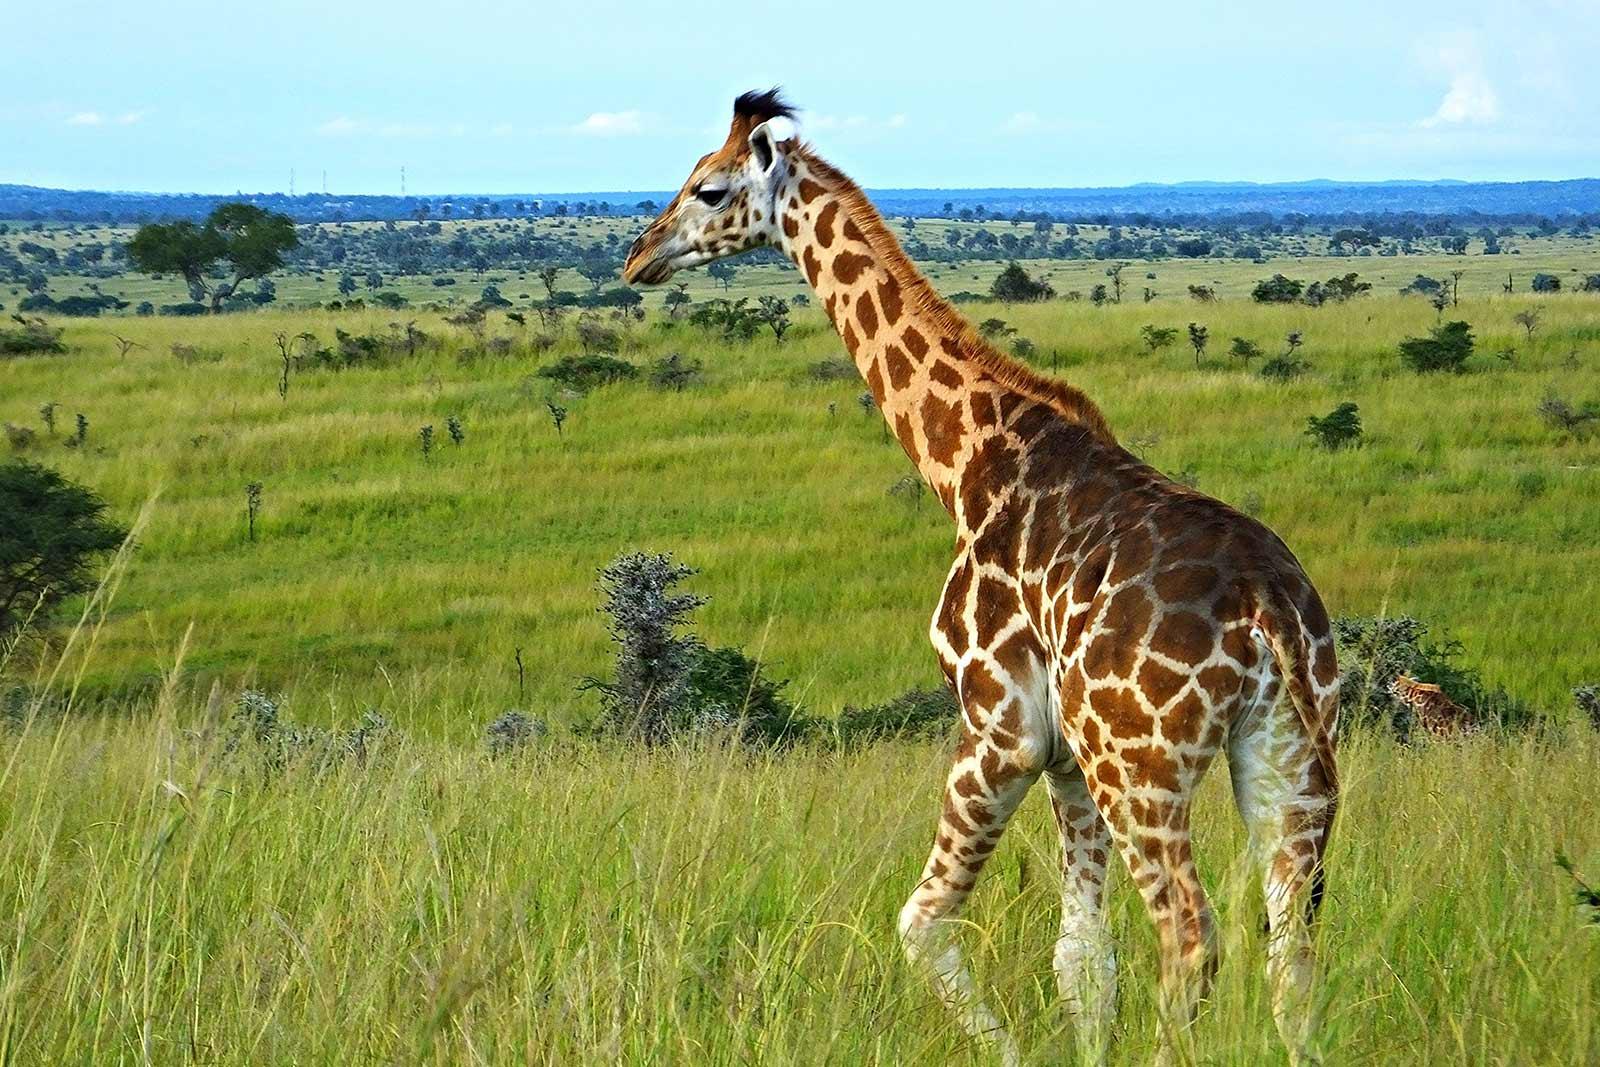 Rothschild Giraffe in Uganda - animal in bigger setting tell more of the story